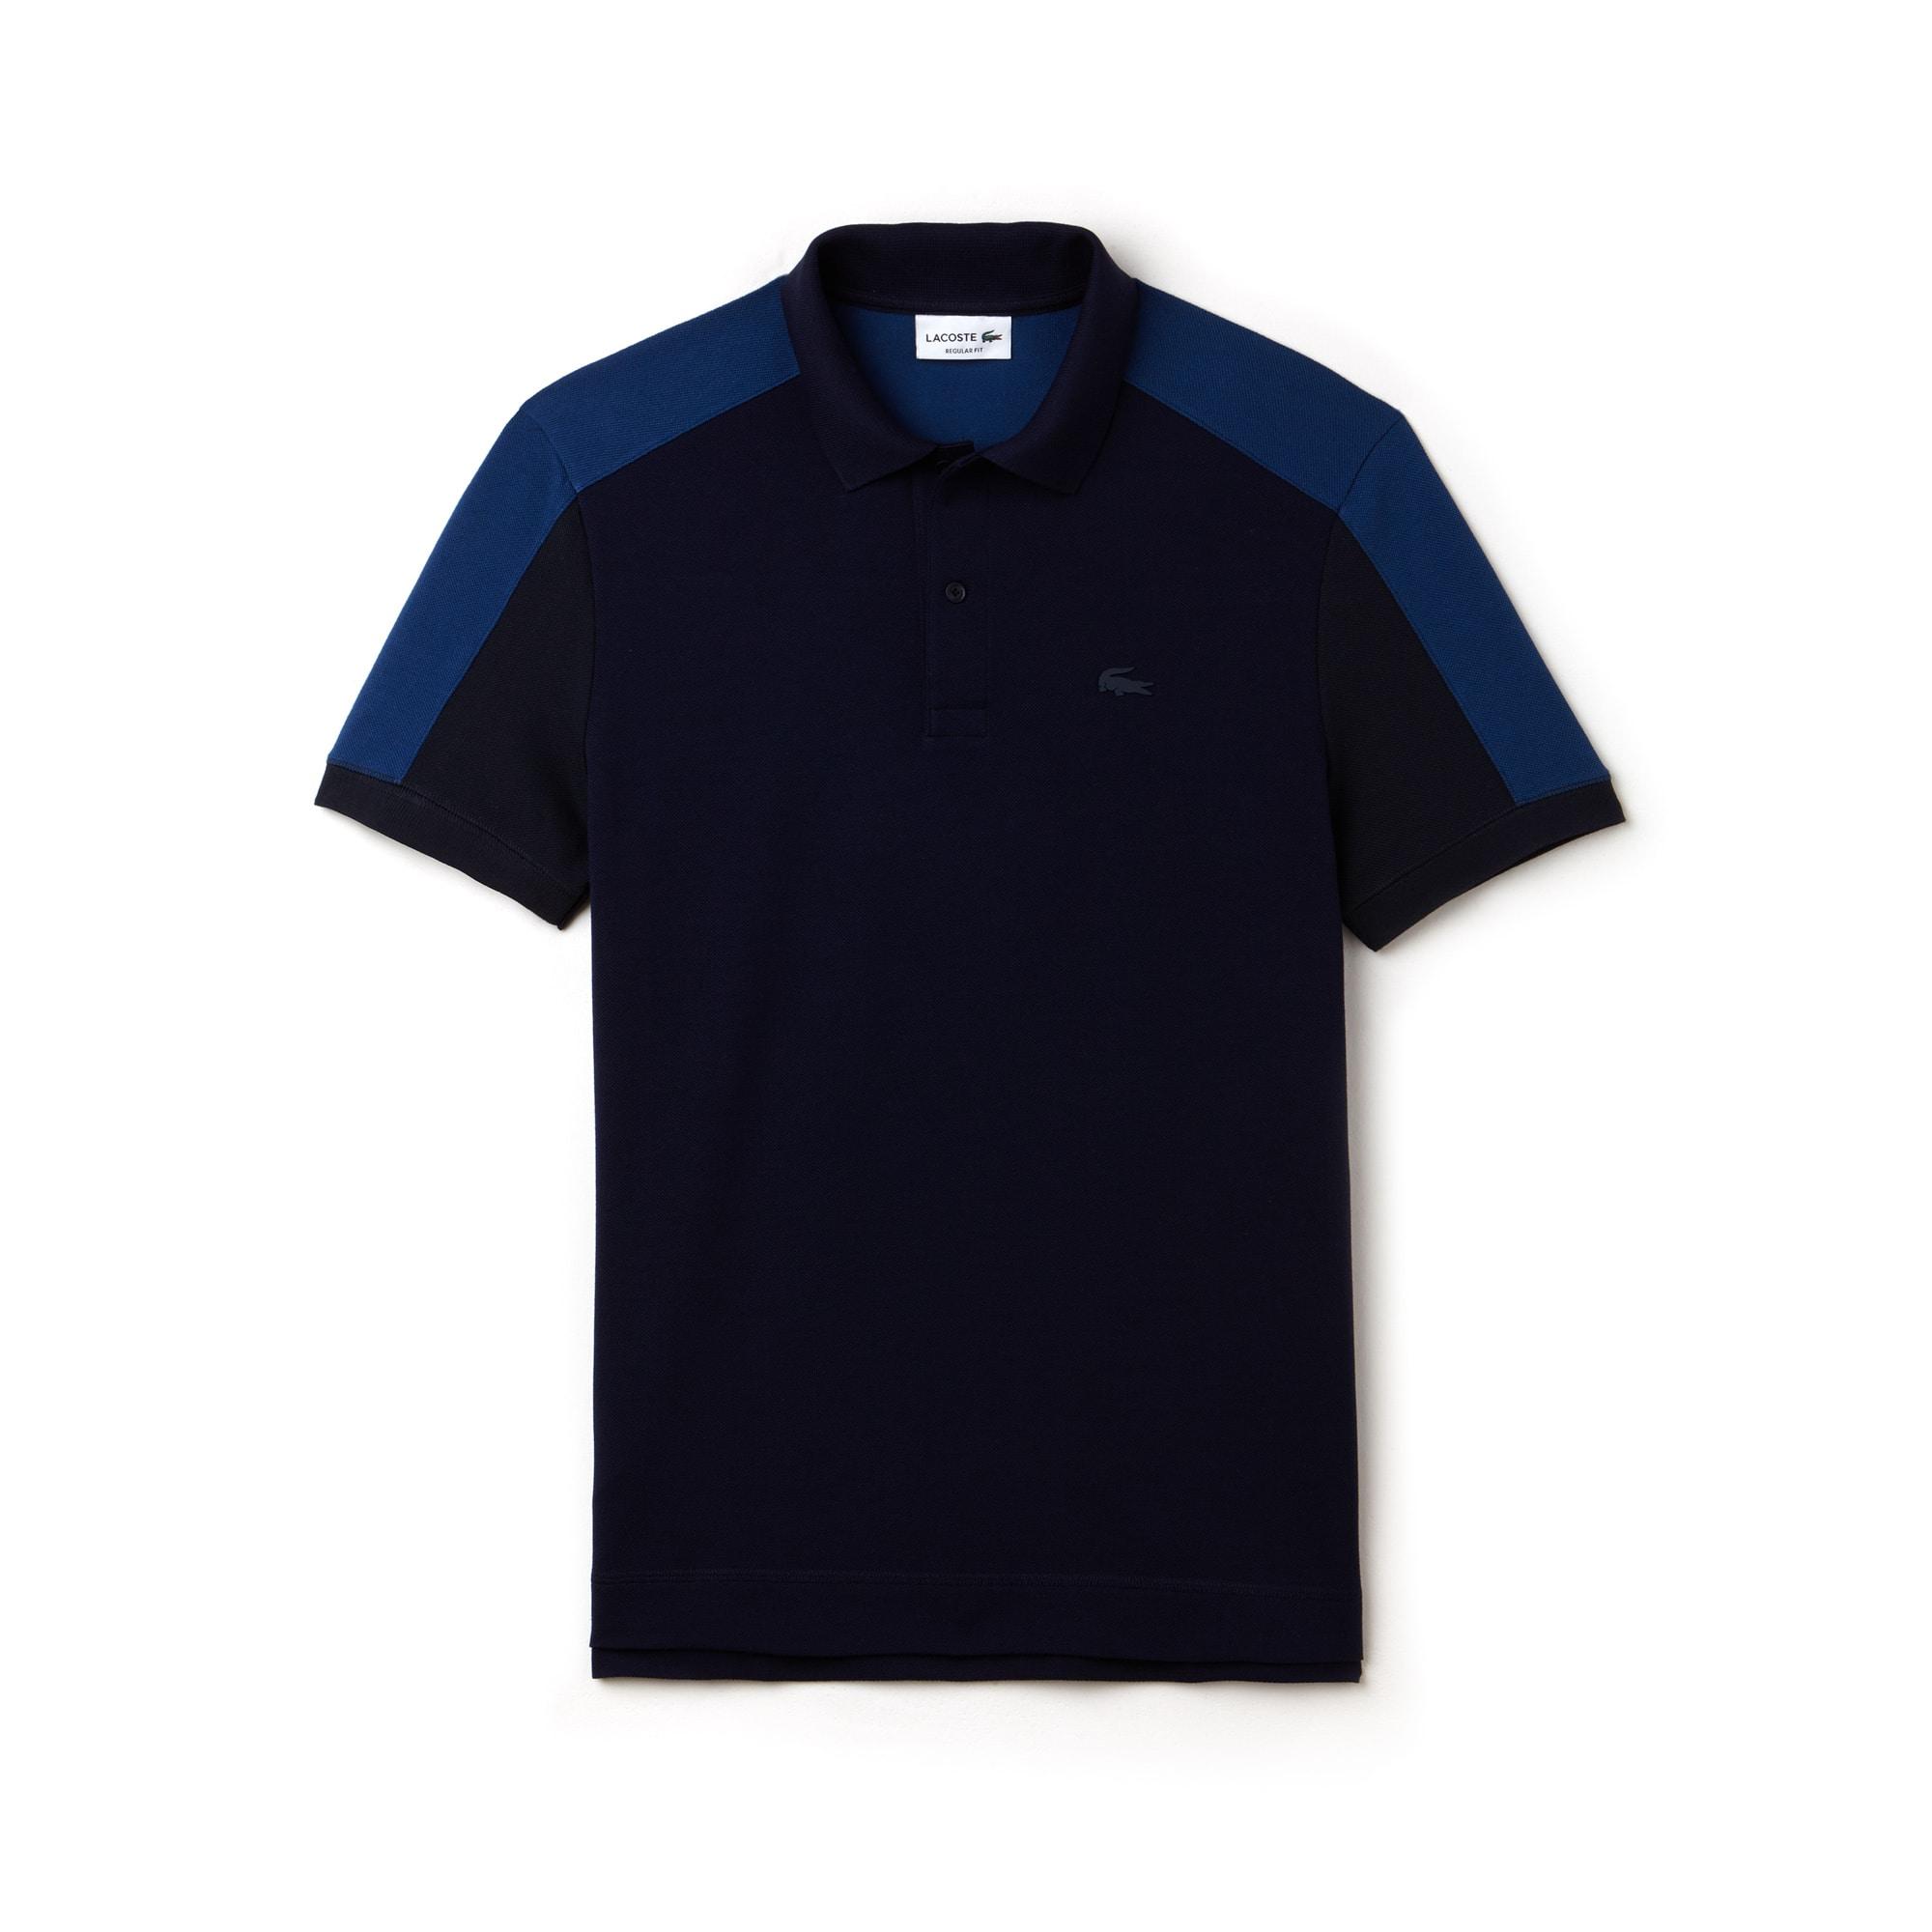 Men's Lacoste Regular Fit Colorblock Petit Piqué Polo Shirt